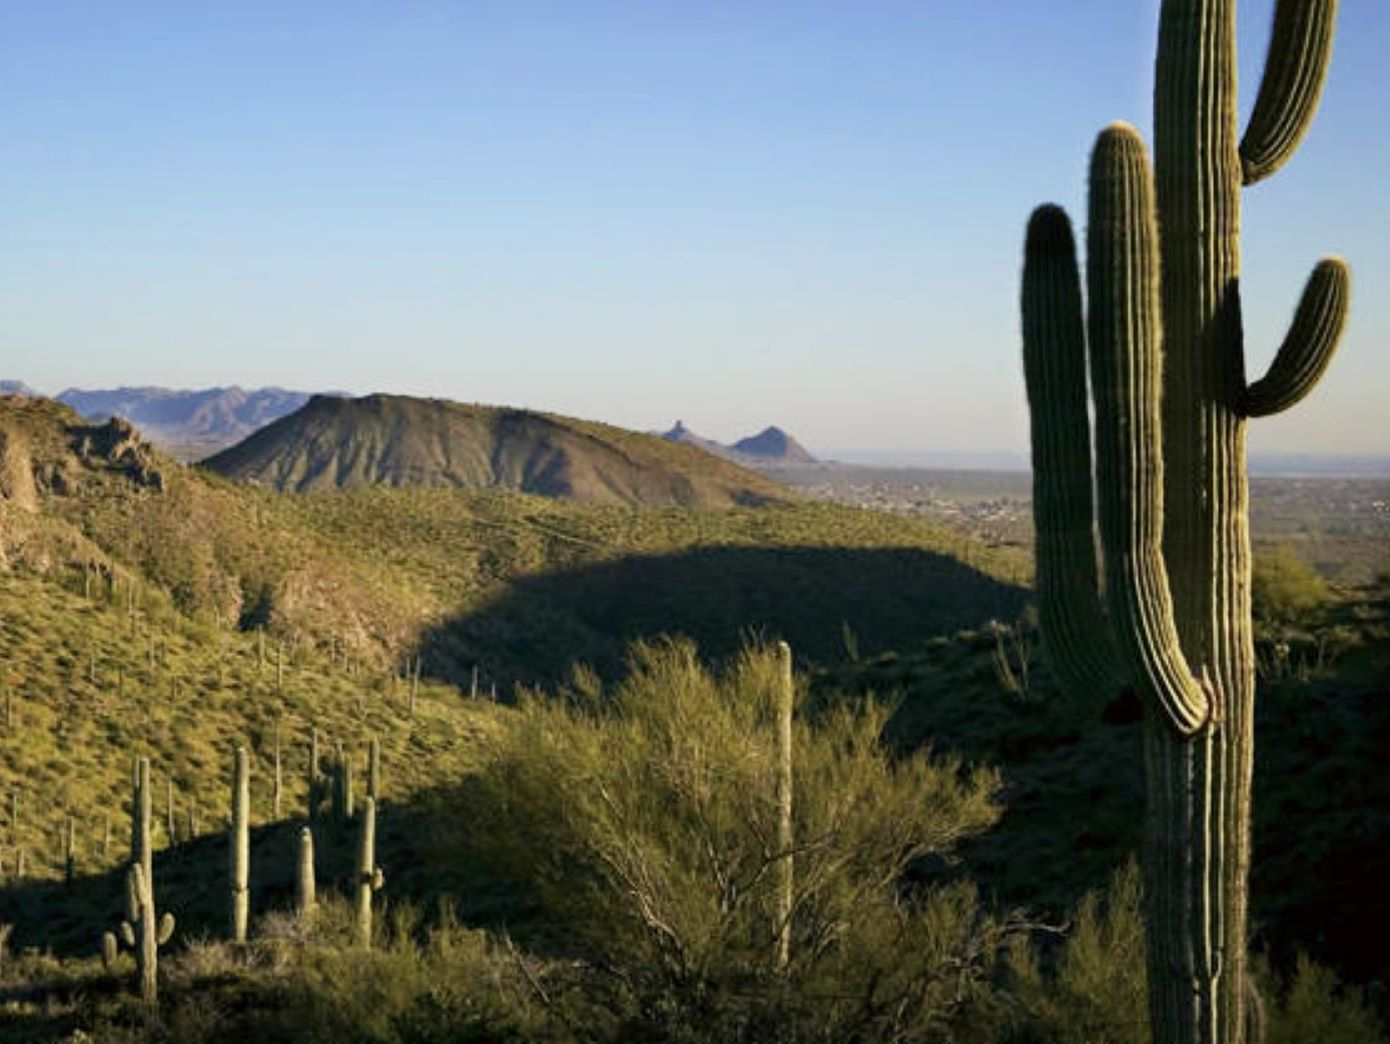 Terreno para Venda às Gorgeous Views from this 3.48 Acre Desert Mountain Homesite 9179 E Grapevine Pass #334 Scottsdale, Arizona 85262 Estados Unidos